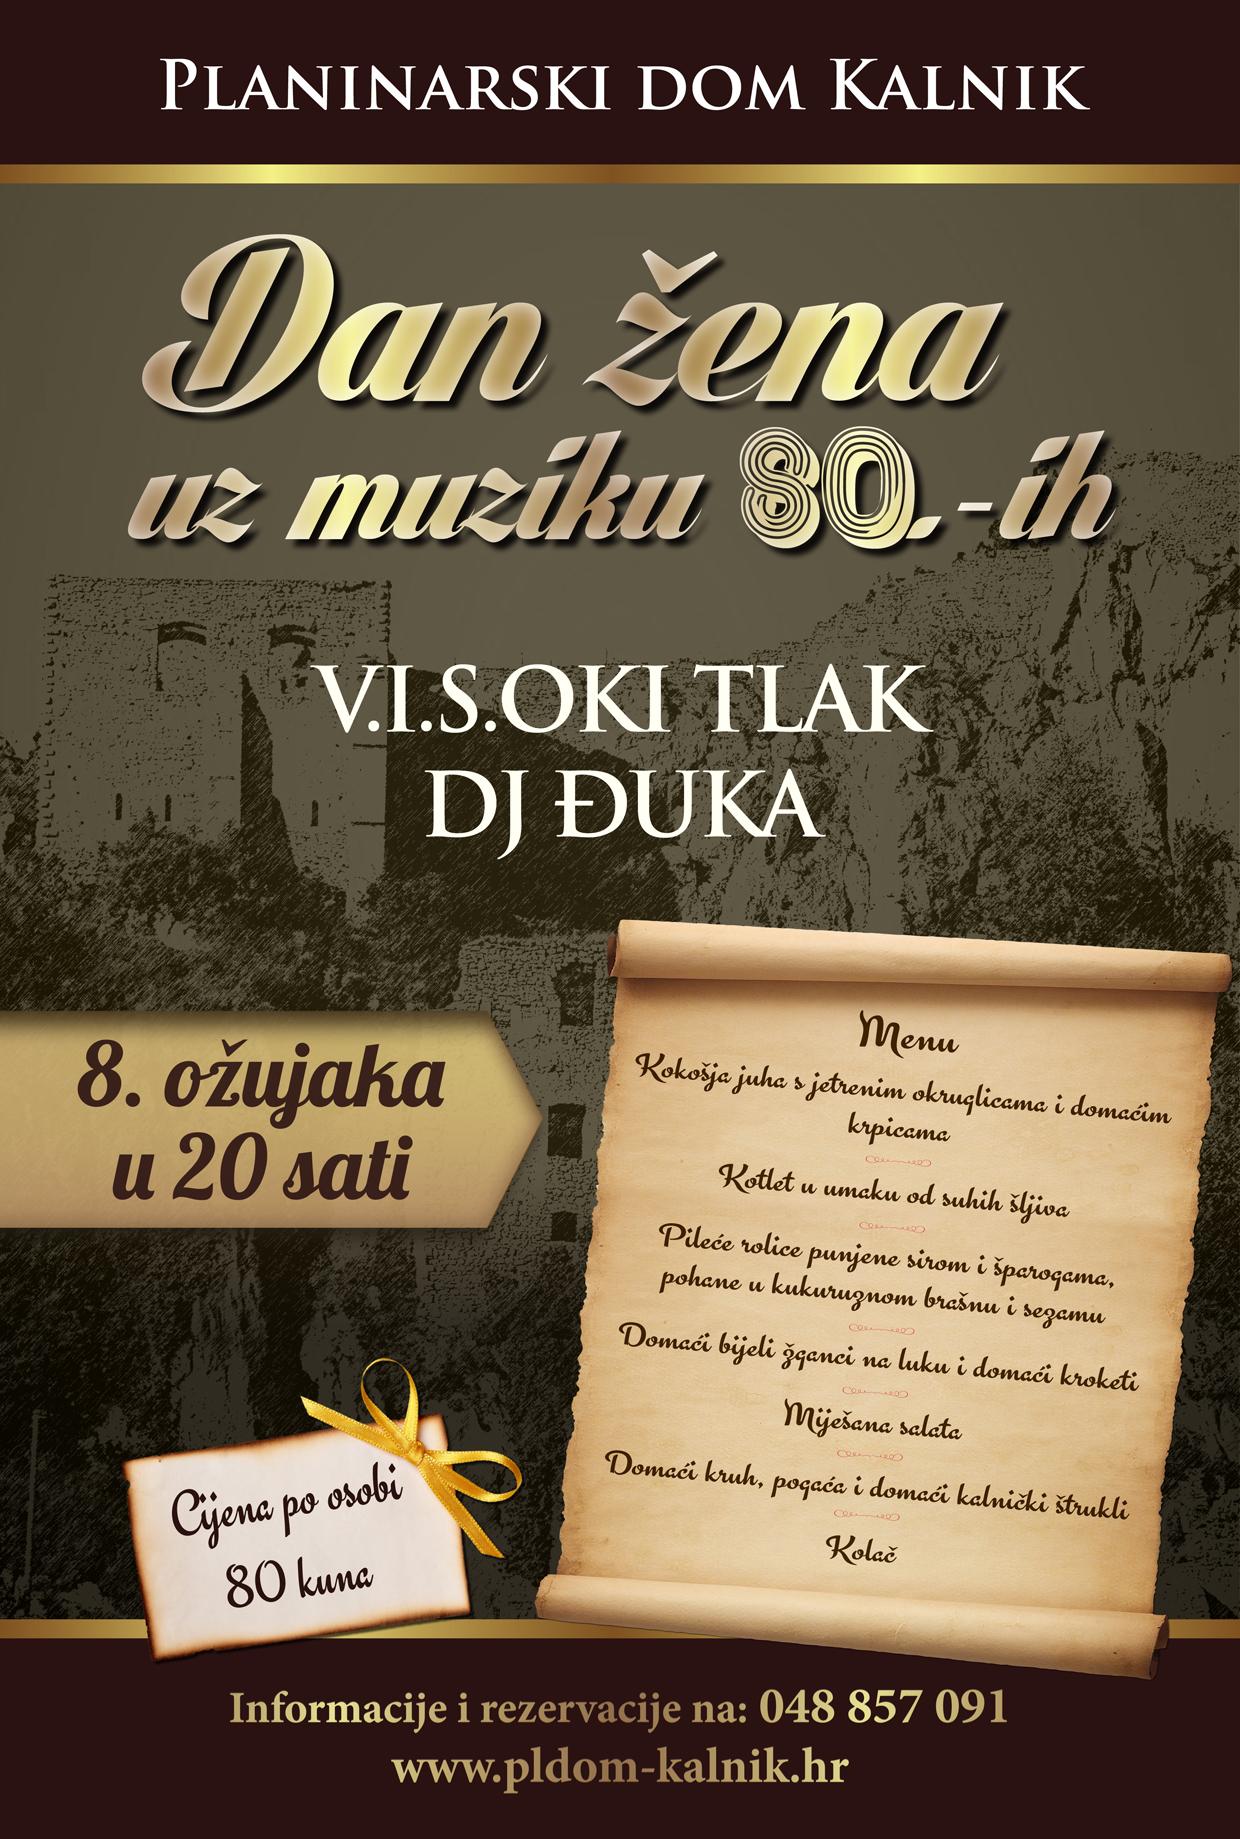 Planinarski_dom_Kalnik_Dan_zena_osmi_ozujak